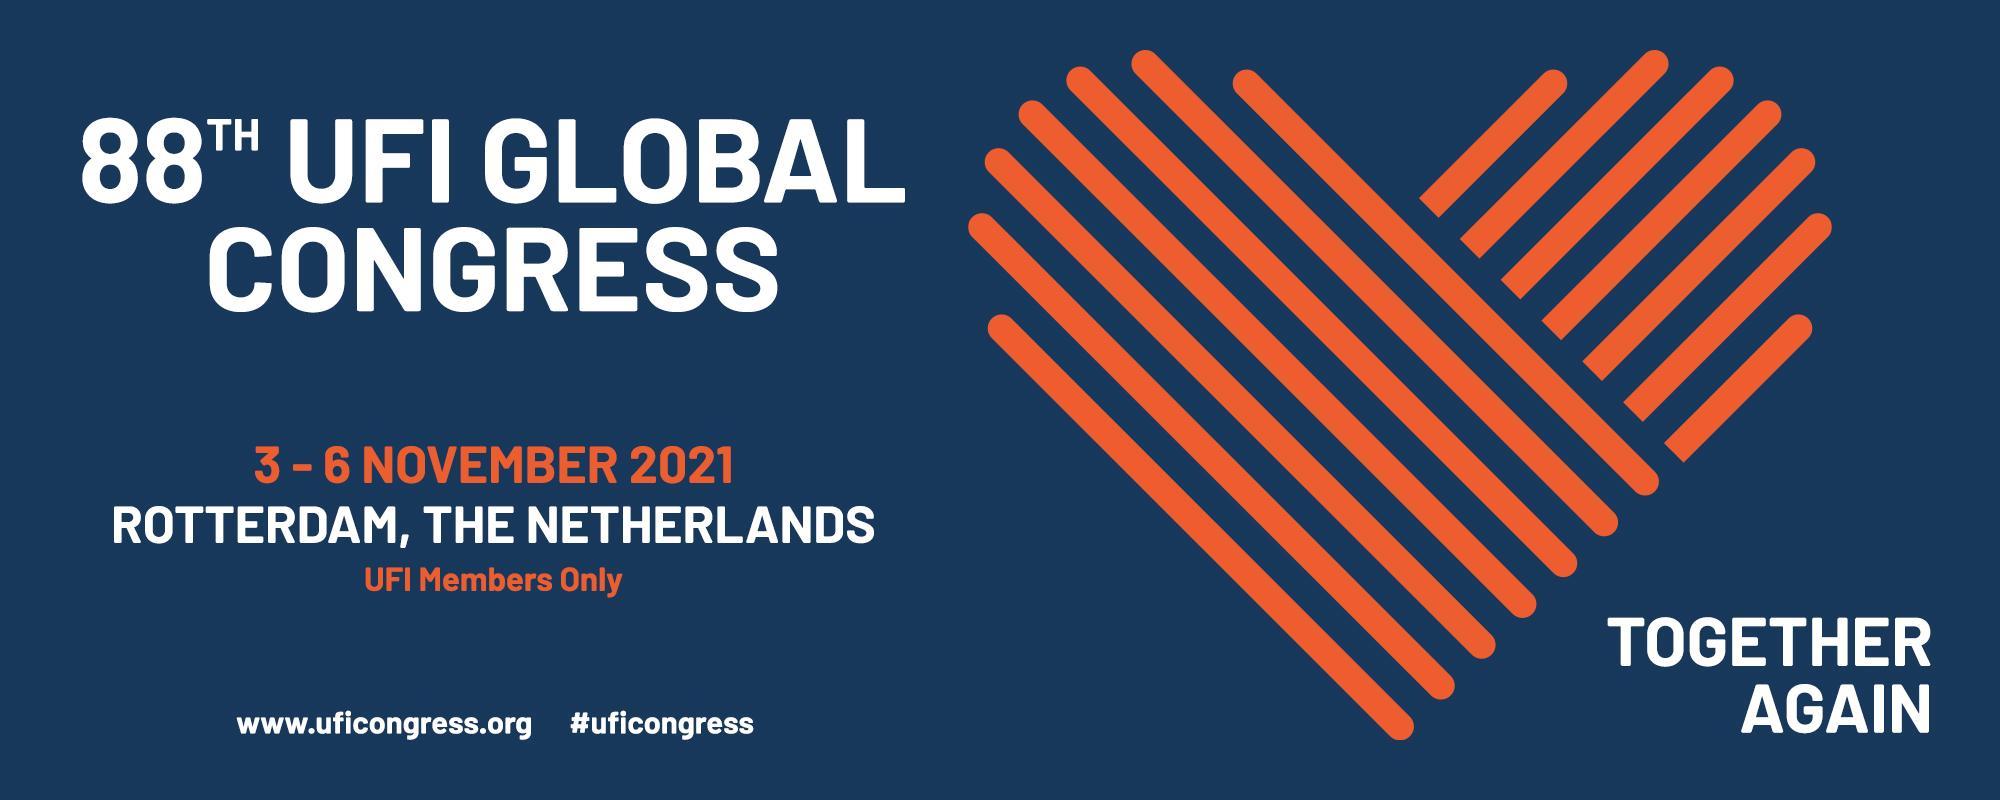 88th UFI Global Congress